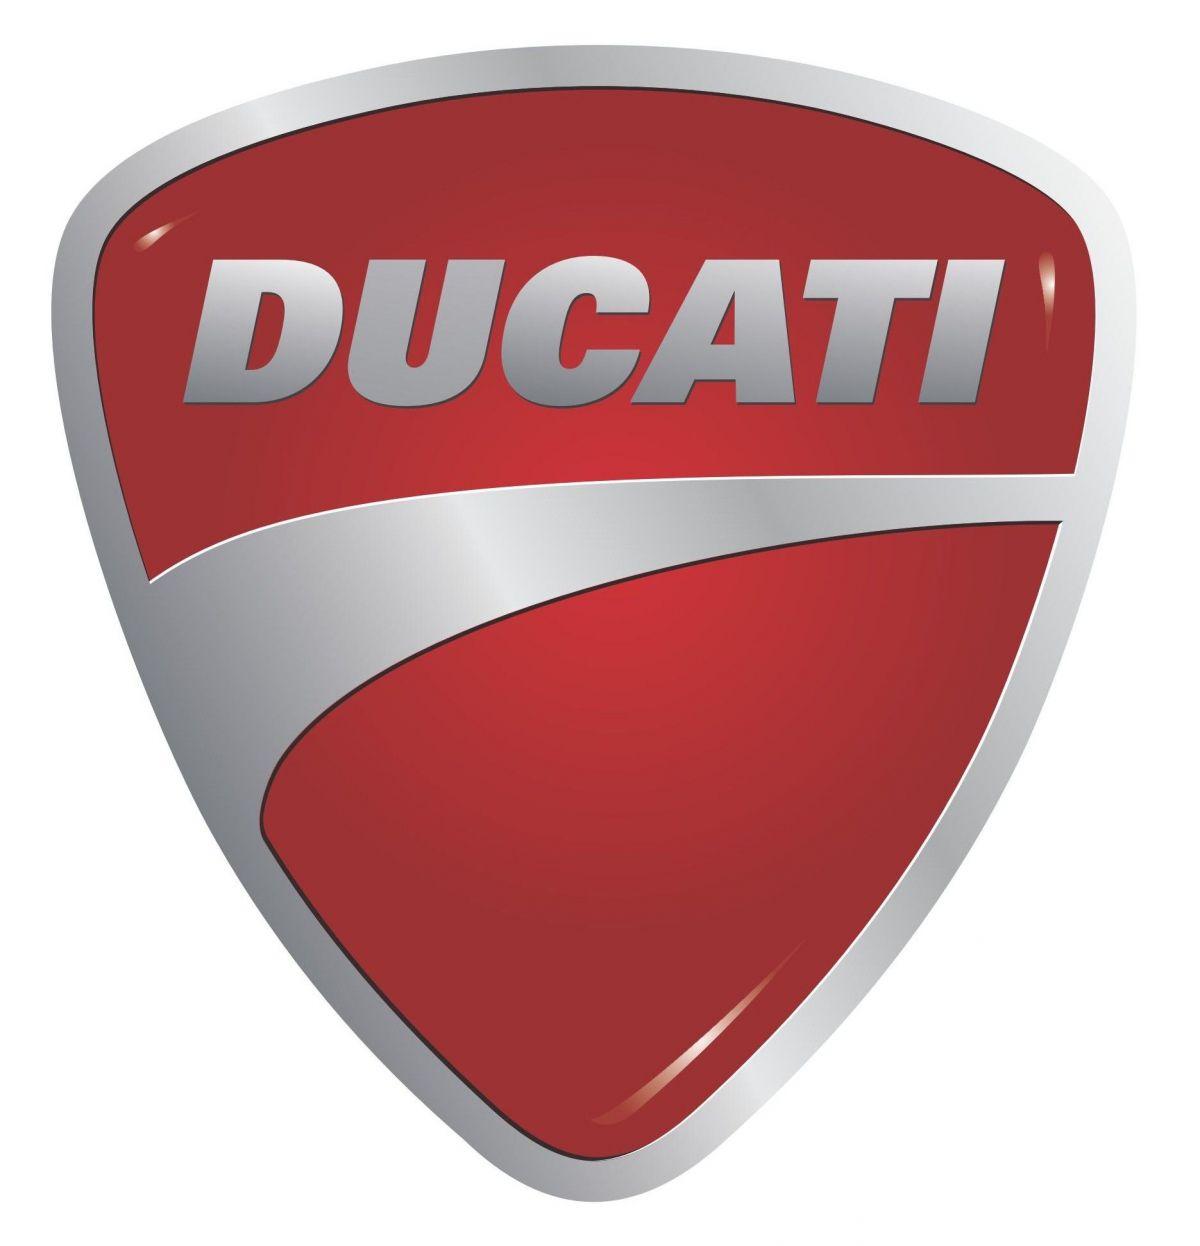 ऑटो सेक्टर में छाई हुई है मंदी लेकिन,Ducati Multistrada ने बेची 1 लाख यूनिट्स